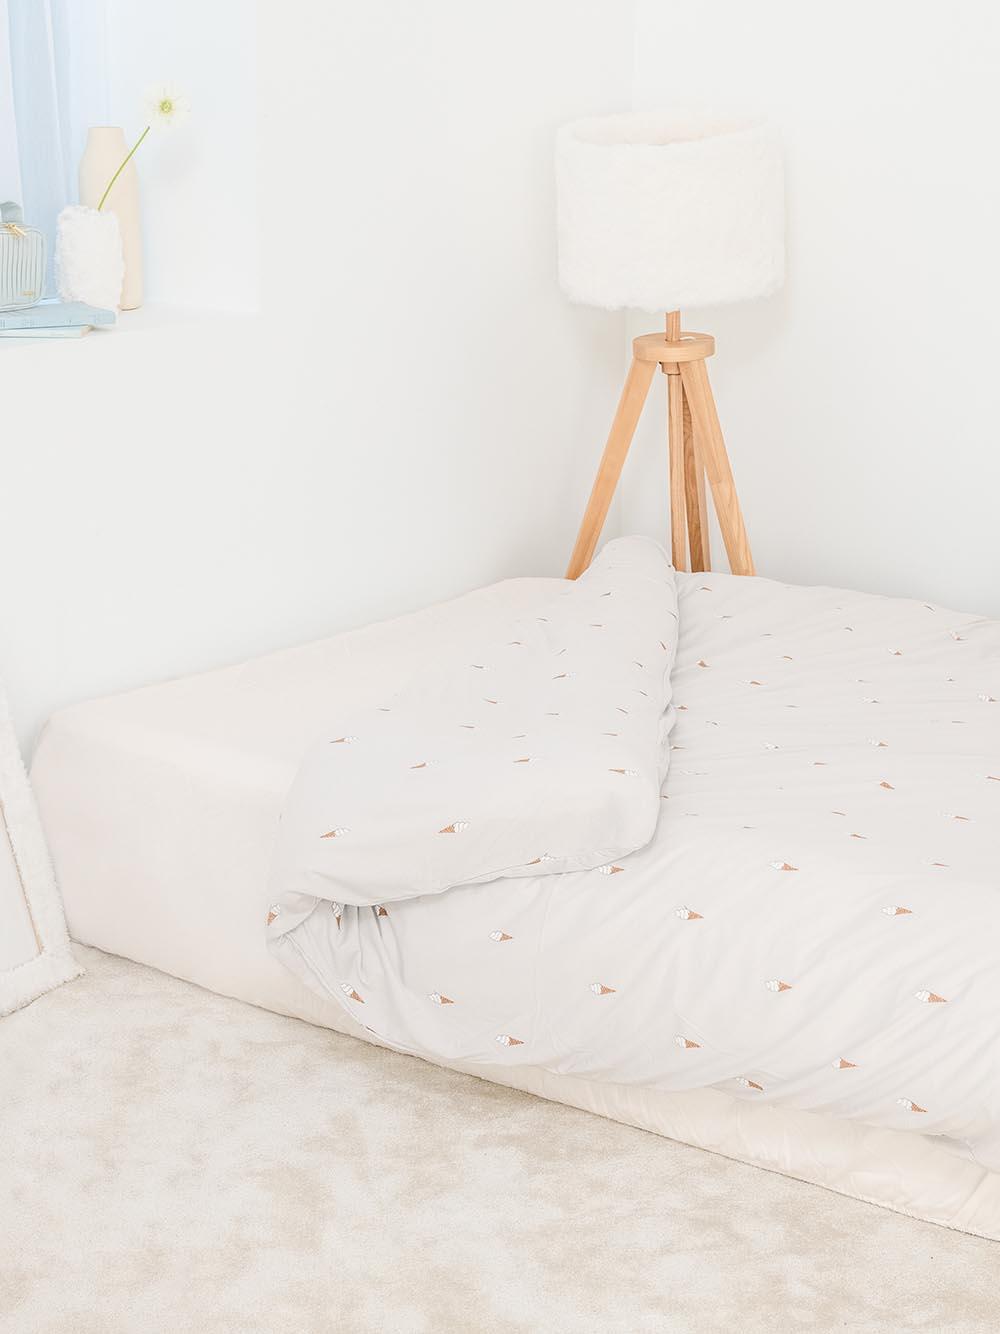 【Sleep】(ダブル)アイスモチーフ掛け布団カバー(BLU-D)